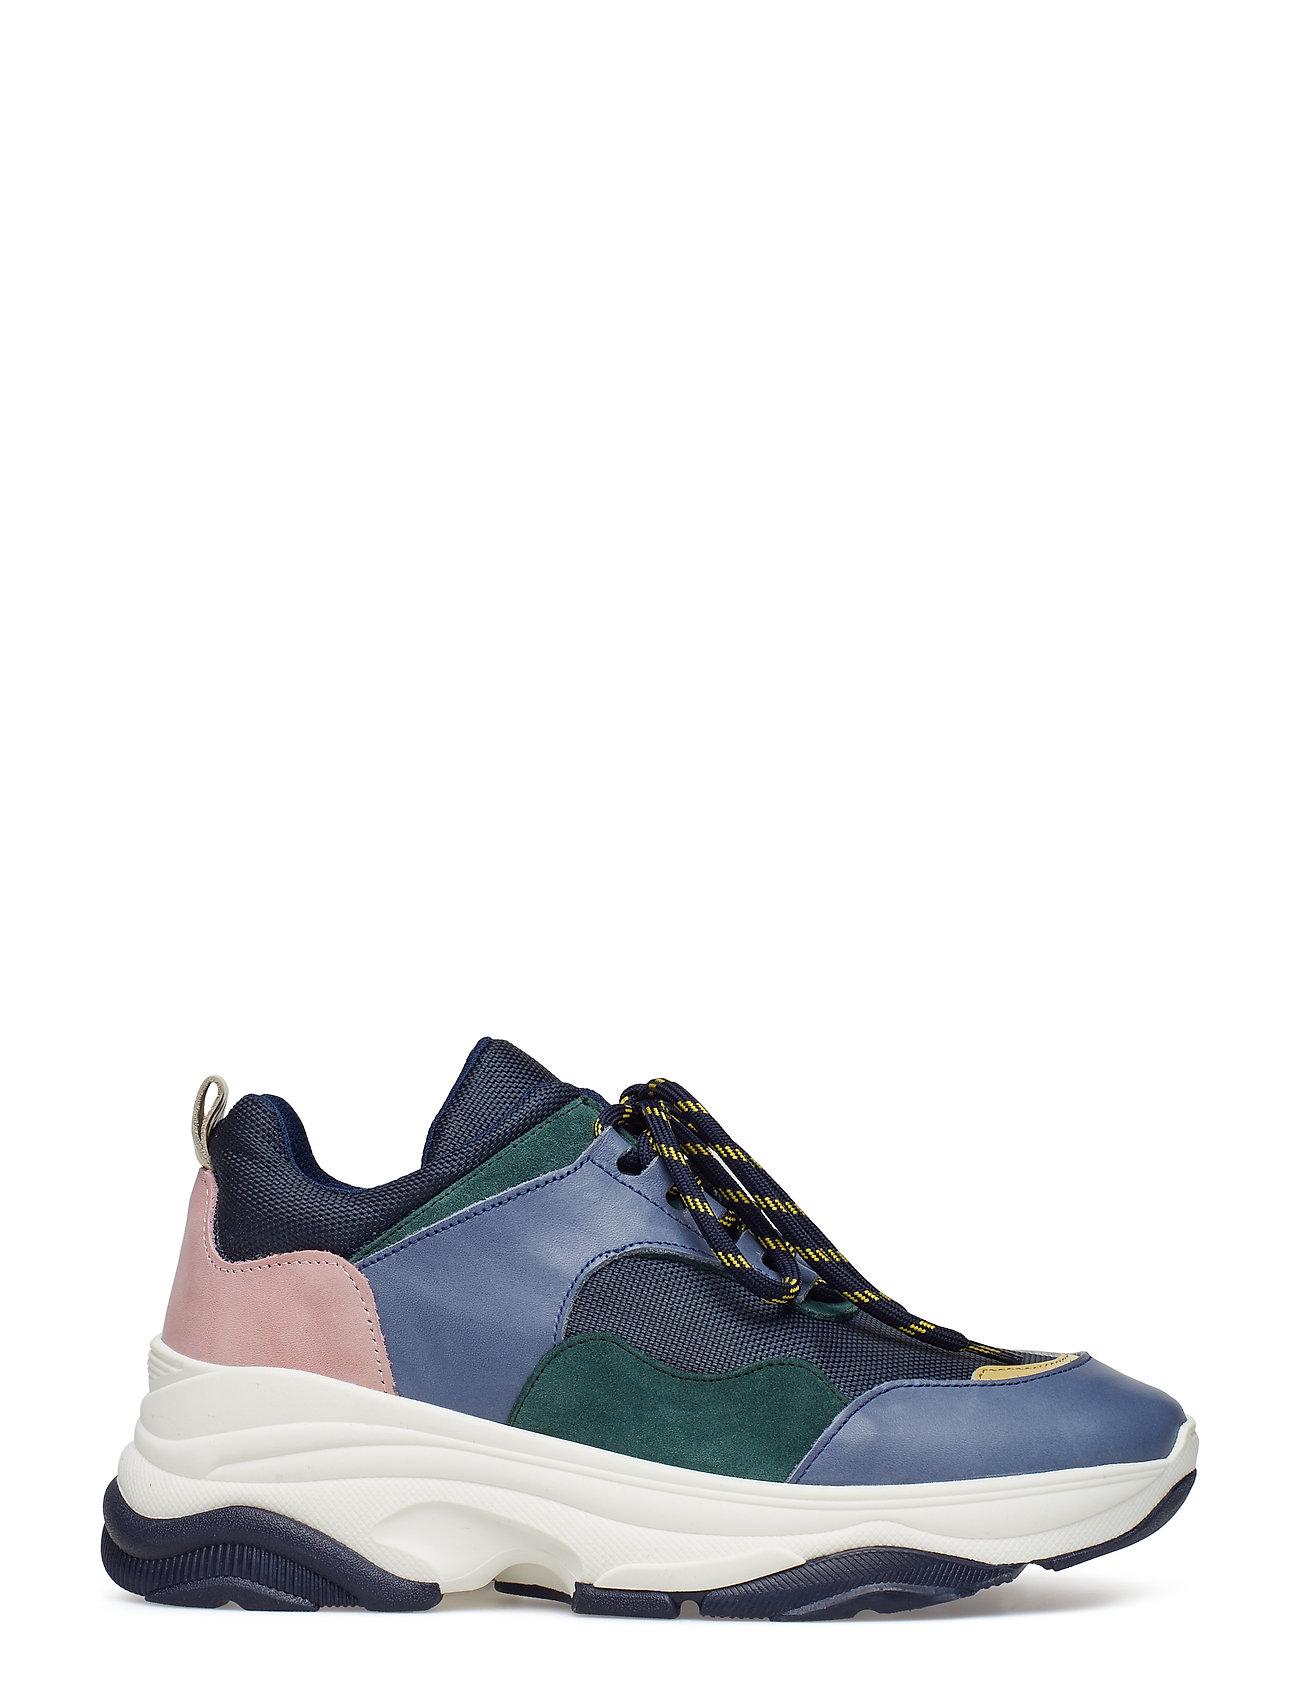 Kim 7556 Sneakers Plateau Blå Samsøe & Samsøe